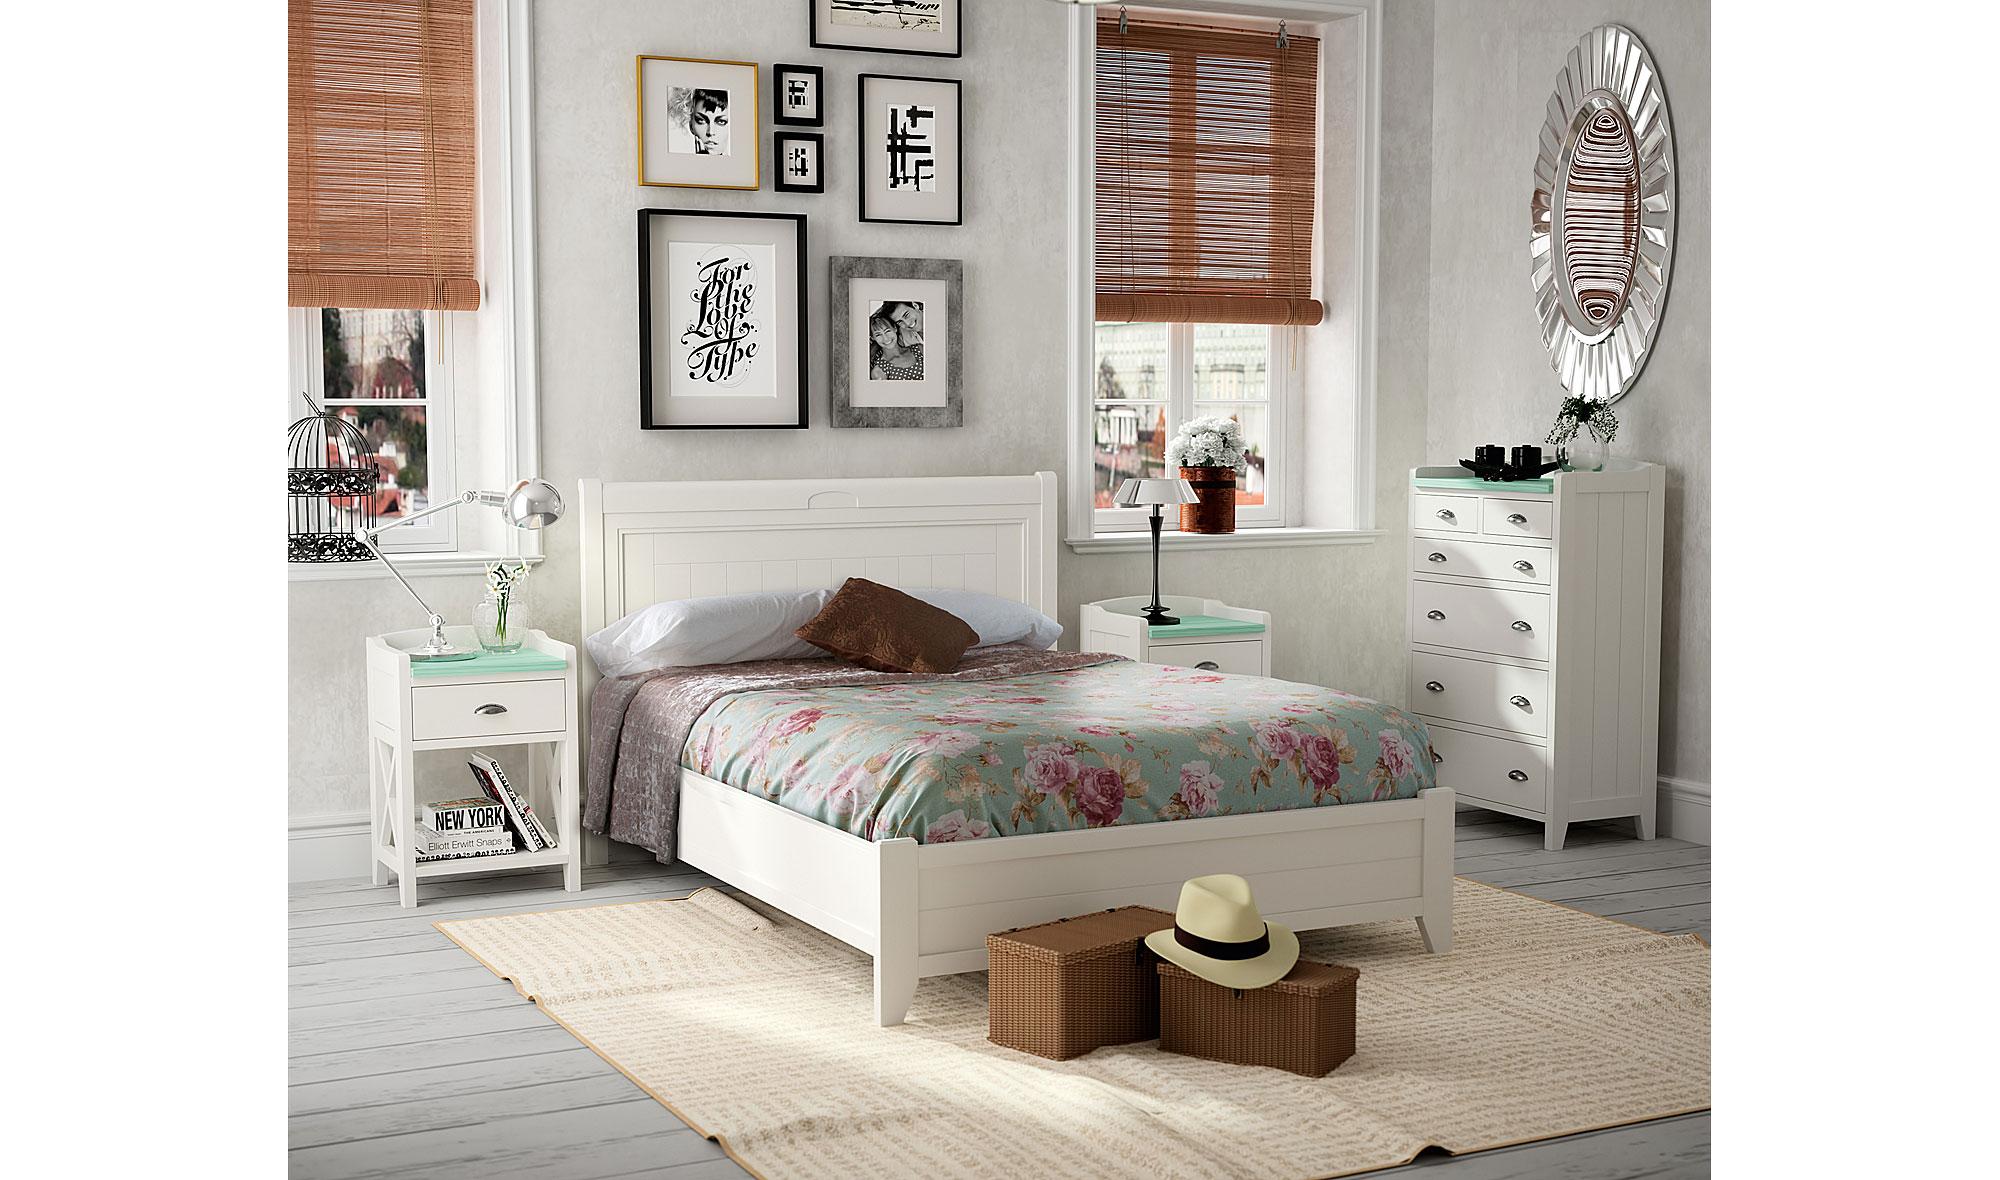 Dormitorio vintage provenzal verona en cosas de for Muebles verona